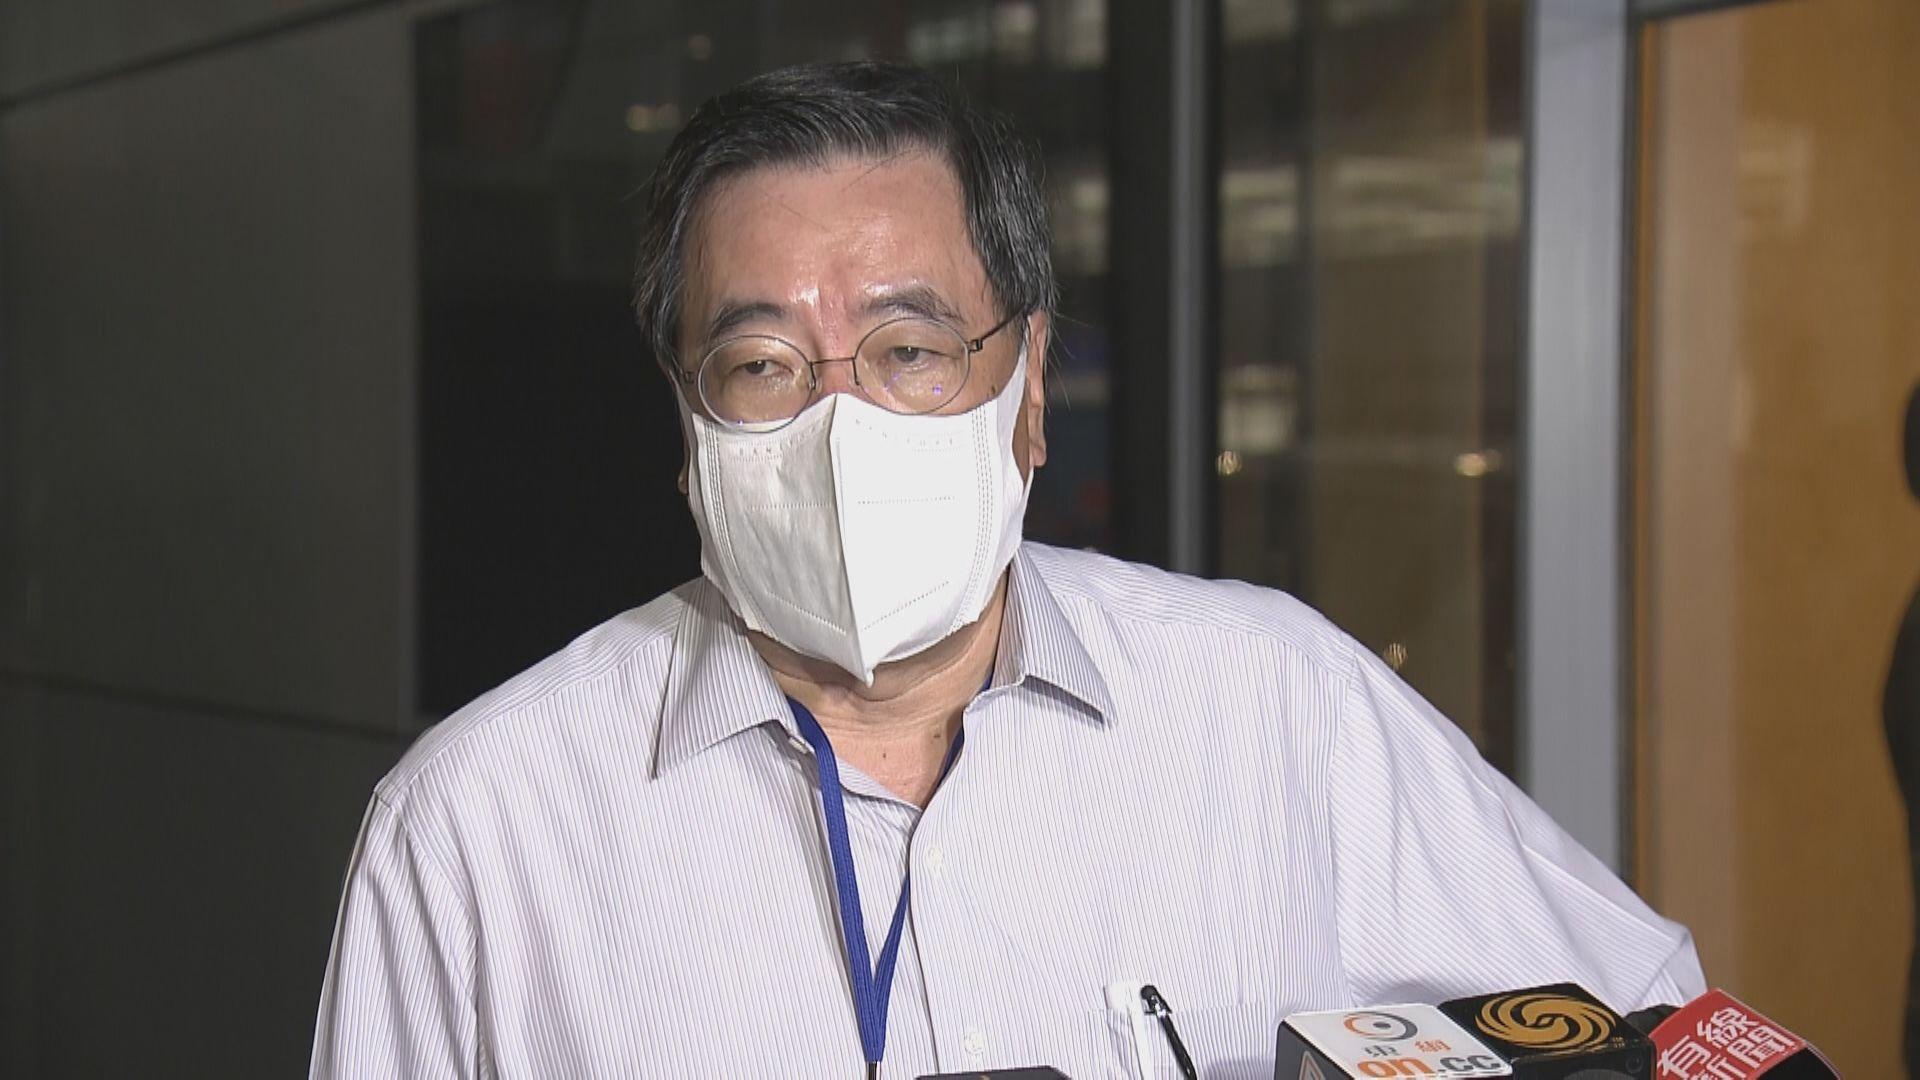 梁君彥:政府需向議員及公眾解釋改革選舉制度好處